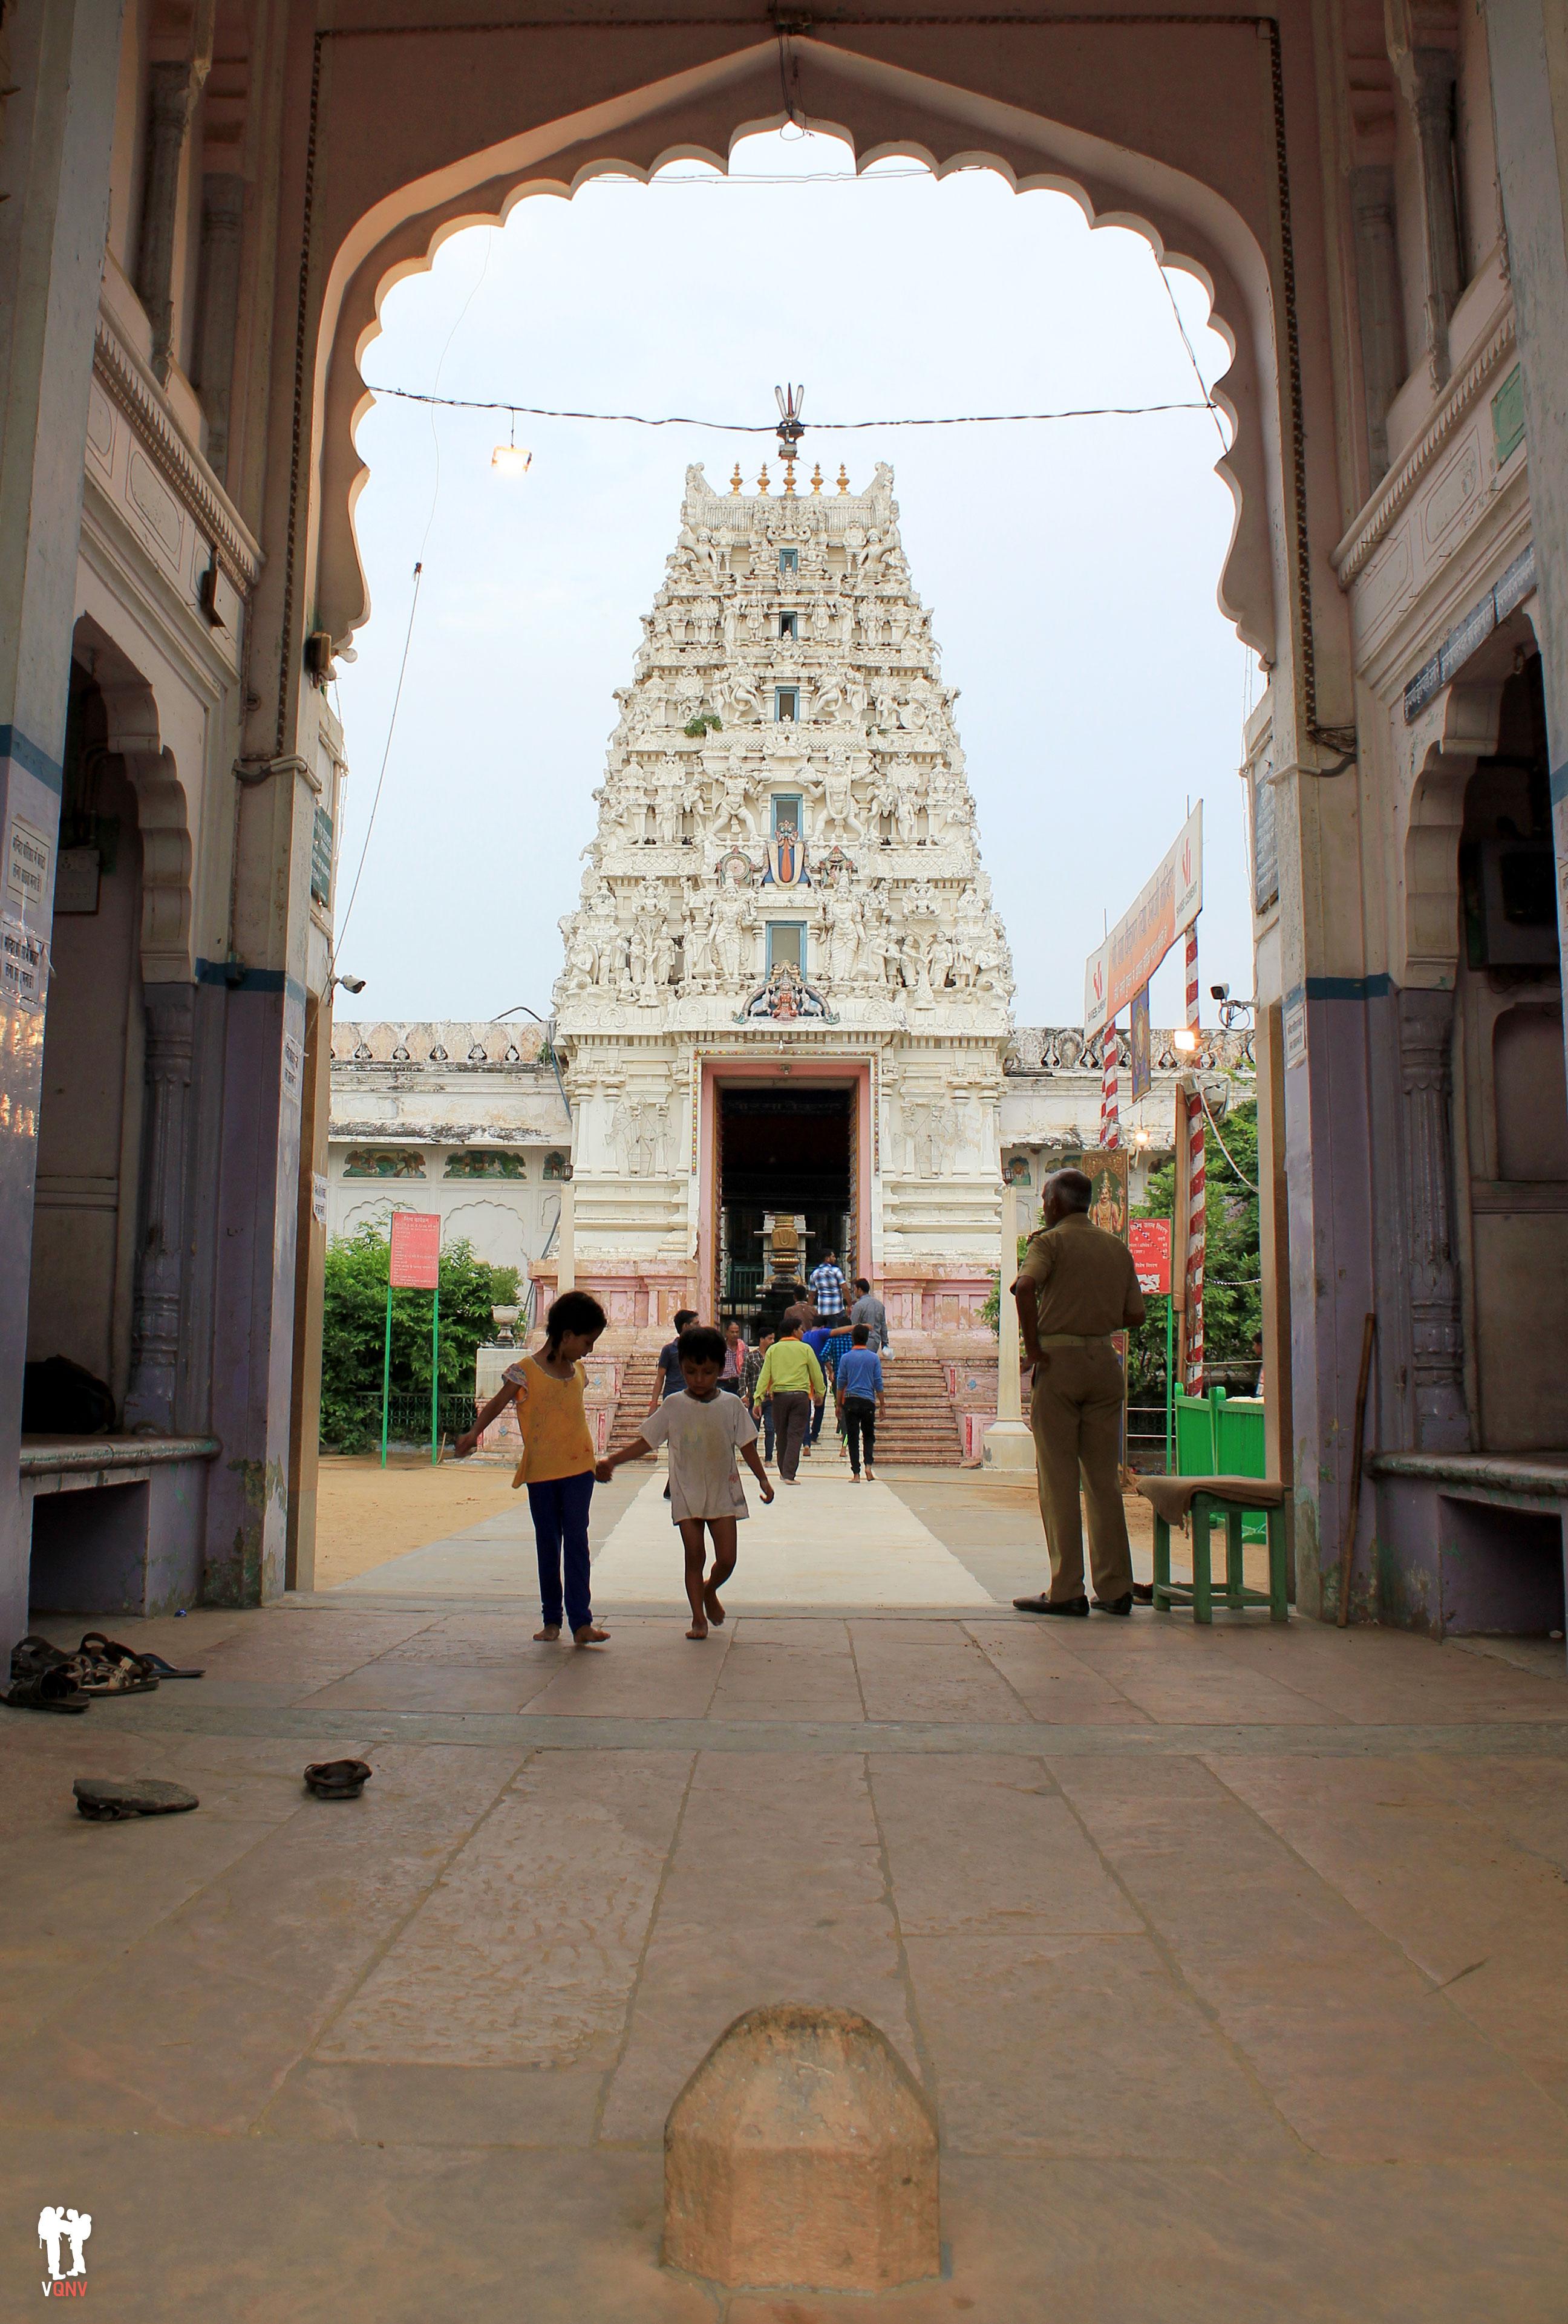 Templo Shri Vaikunth Nath Swami, Pushkar